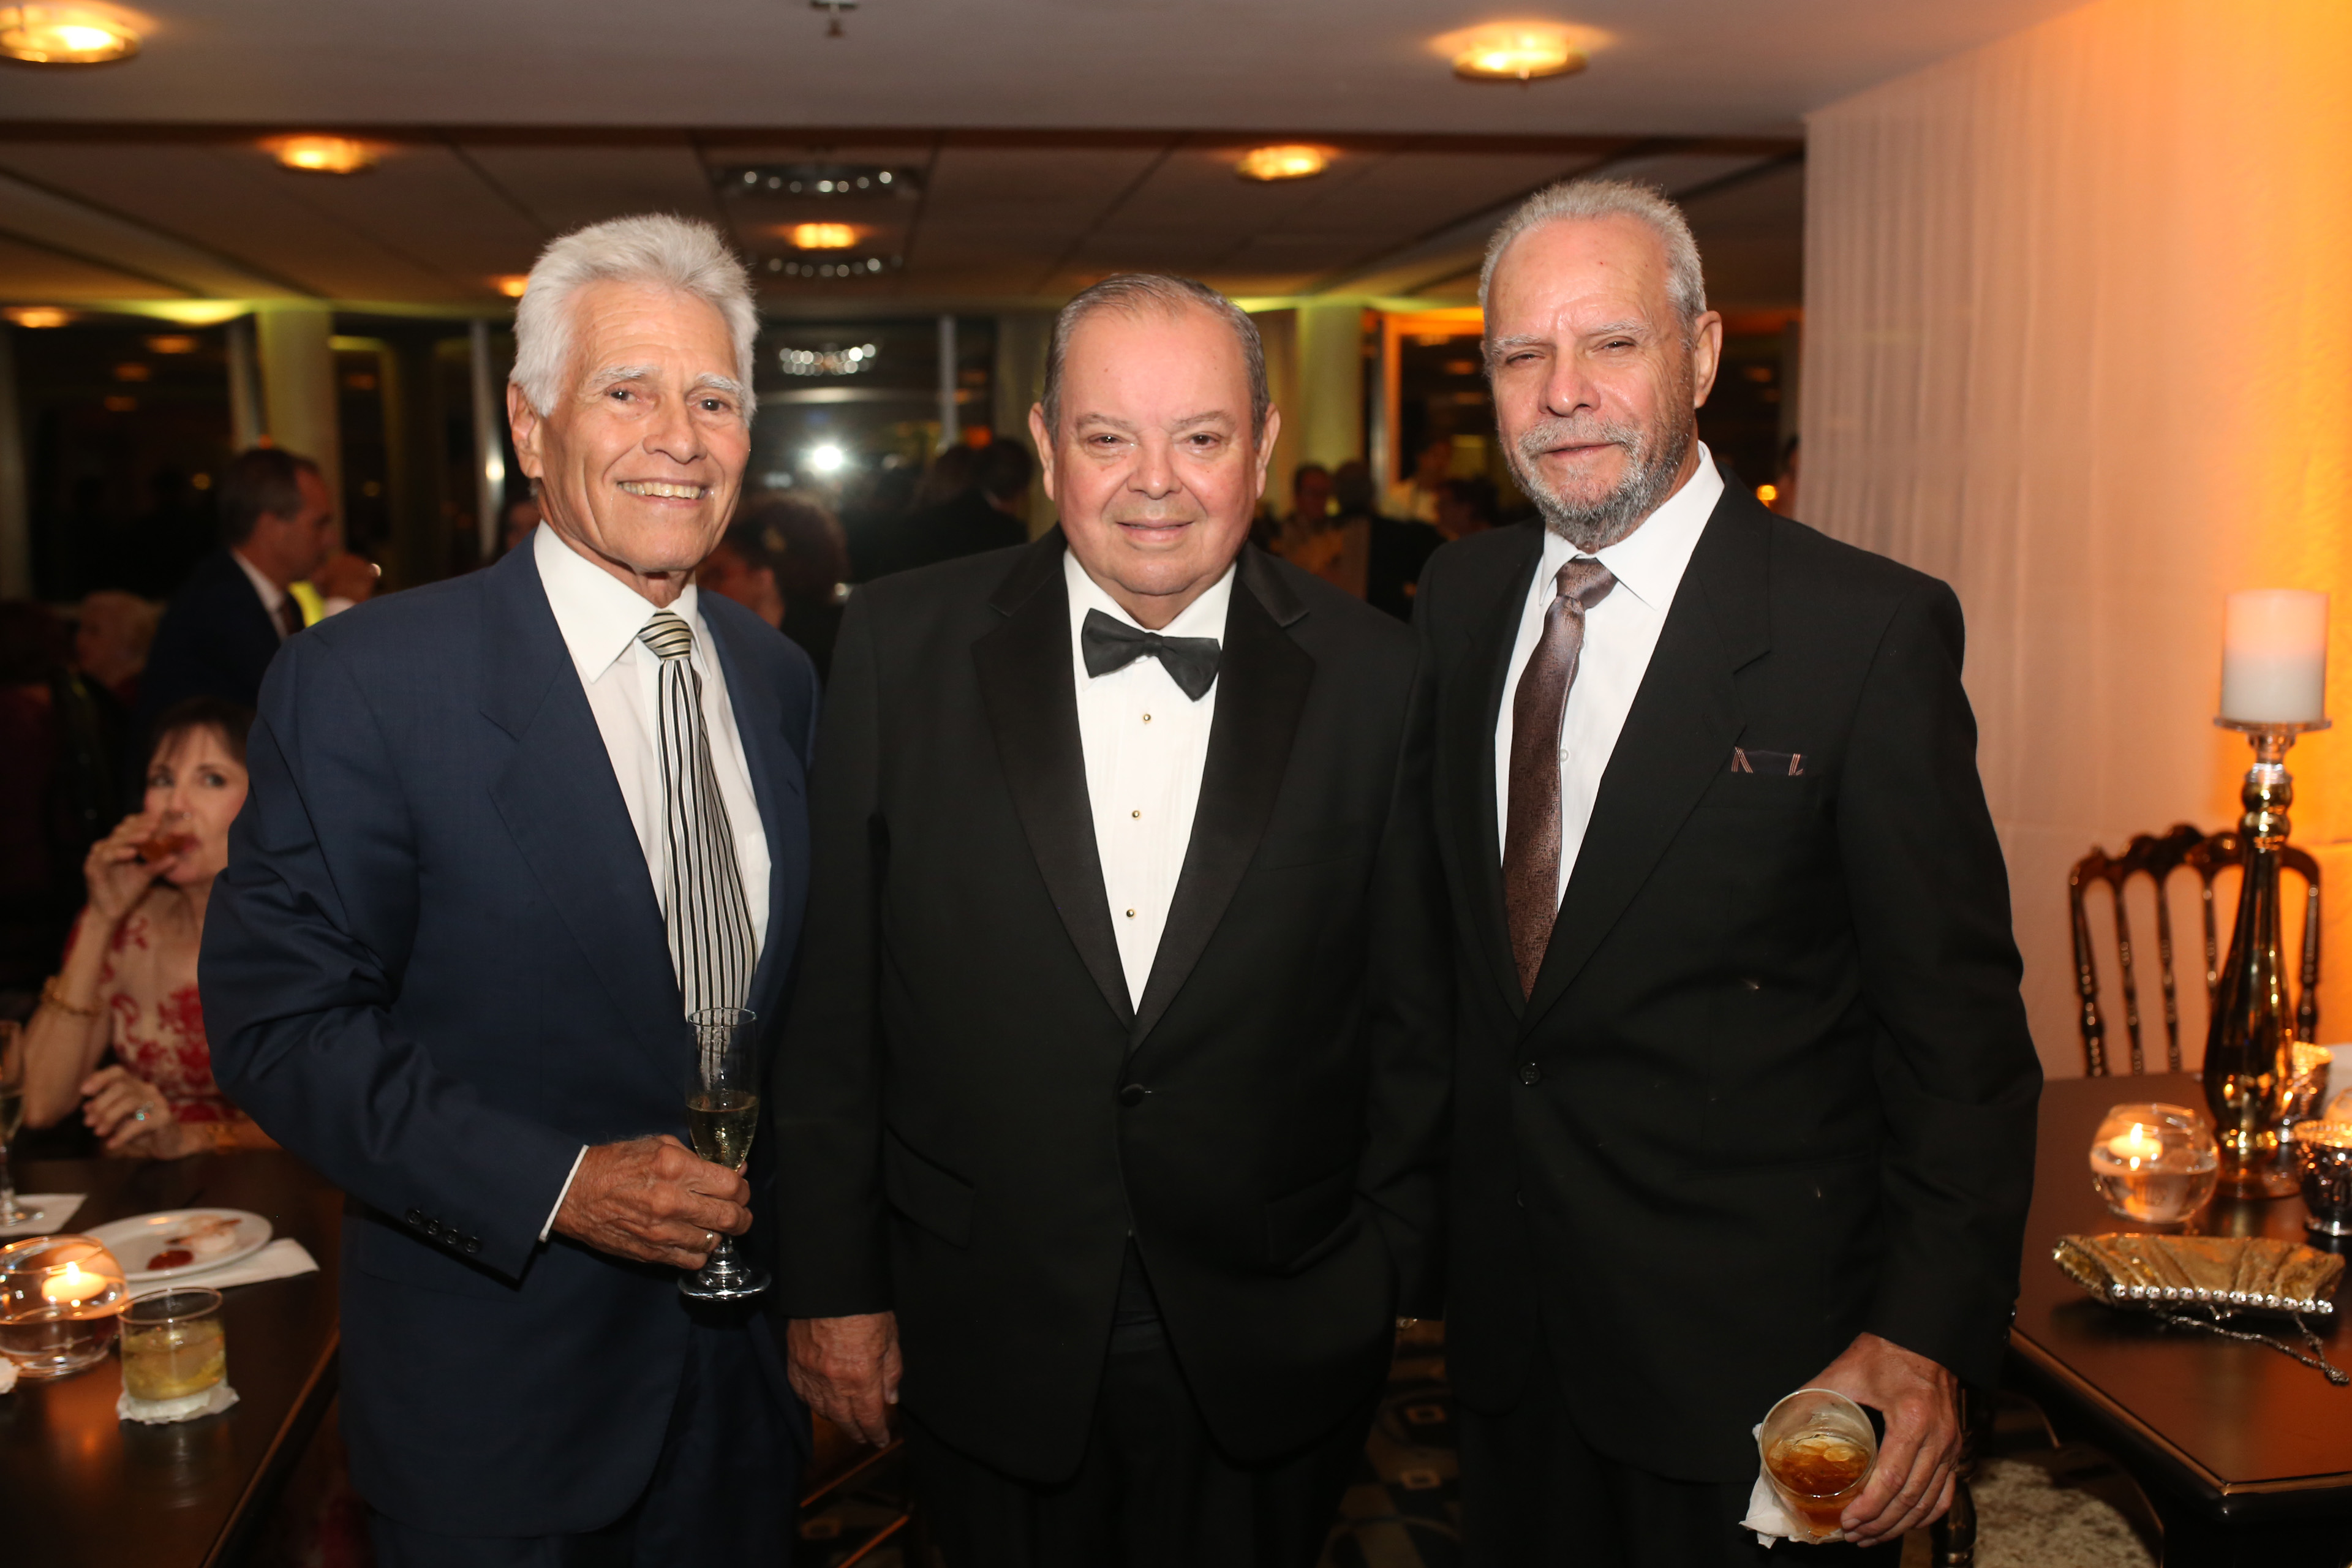 José Amadeo, Joe Colón y Leroy Camero. Foto: José R. Pérez Centeno.